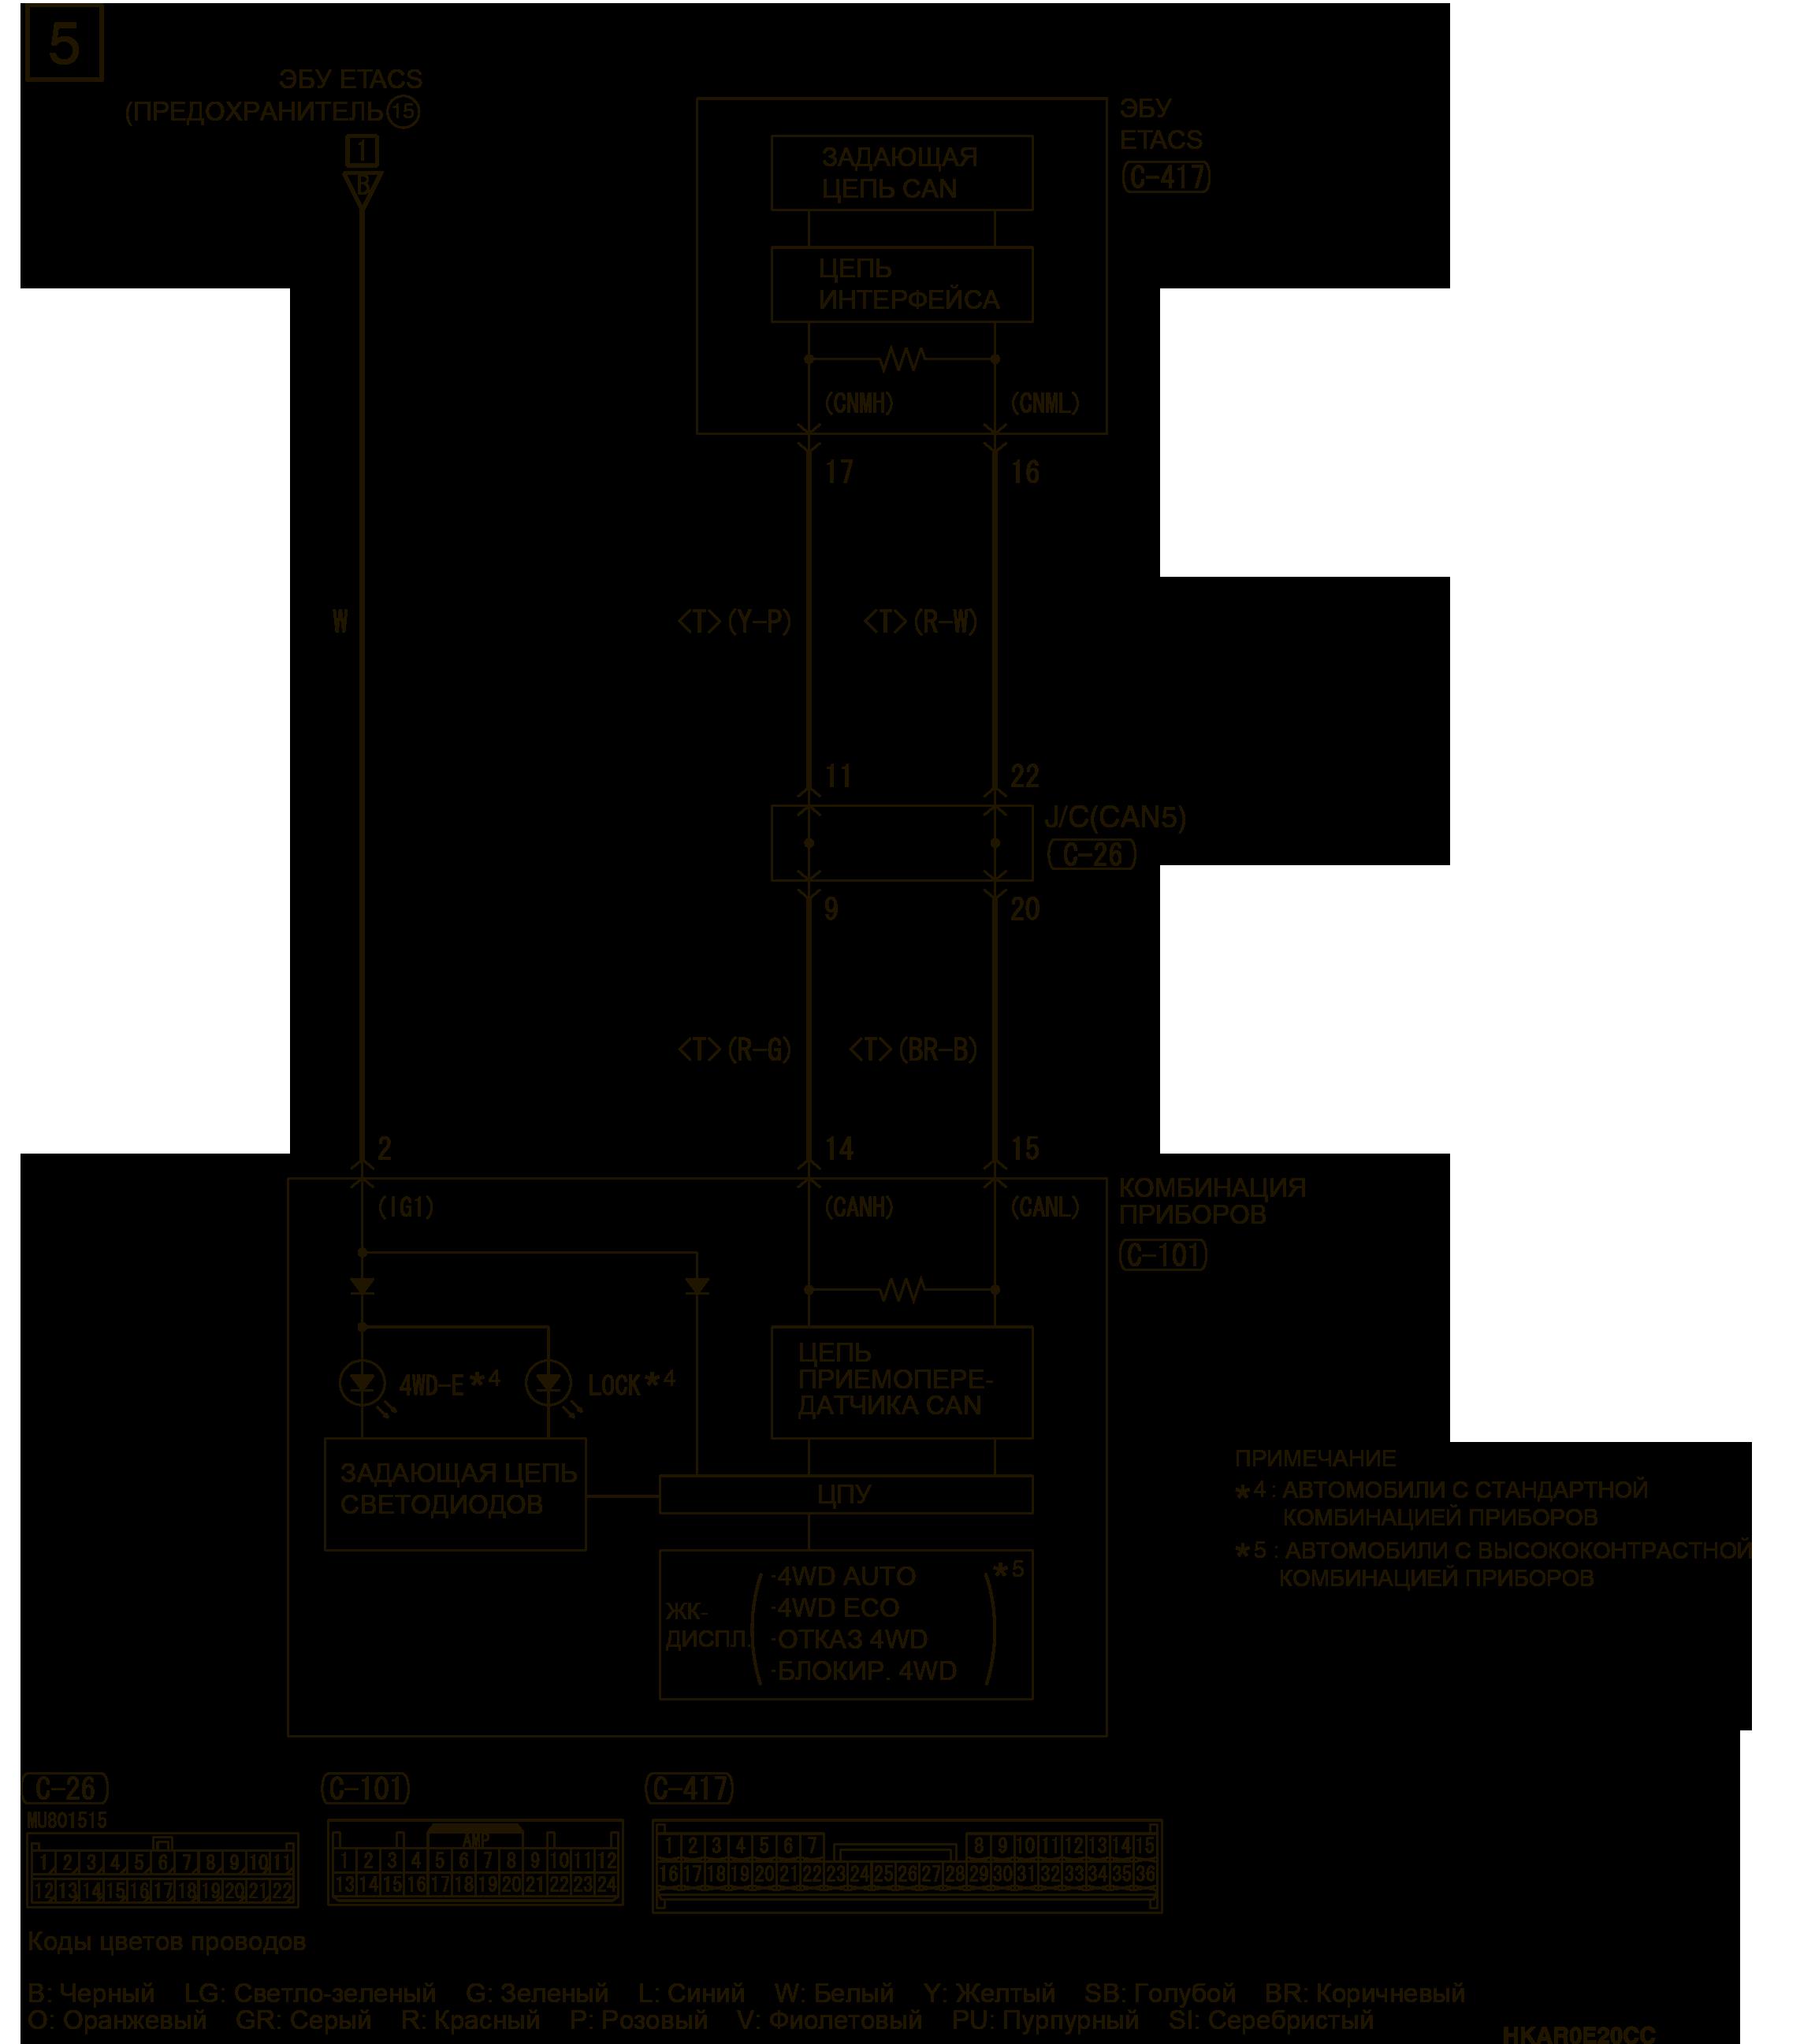 mmc аутлендер 3 2019 электросхемаПОЛНЫЙ ПРИВОД С ЭЛЕКТРОННЫМ УПРАВЛЕНИЕМ ЛЕВОСТОРОННЕЕ УПРАВЛЕНИЕ